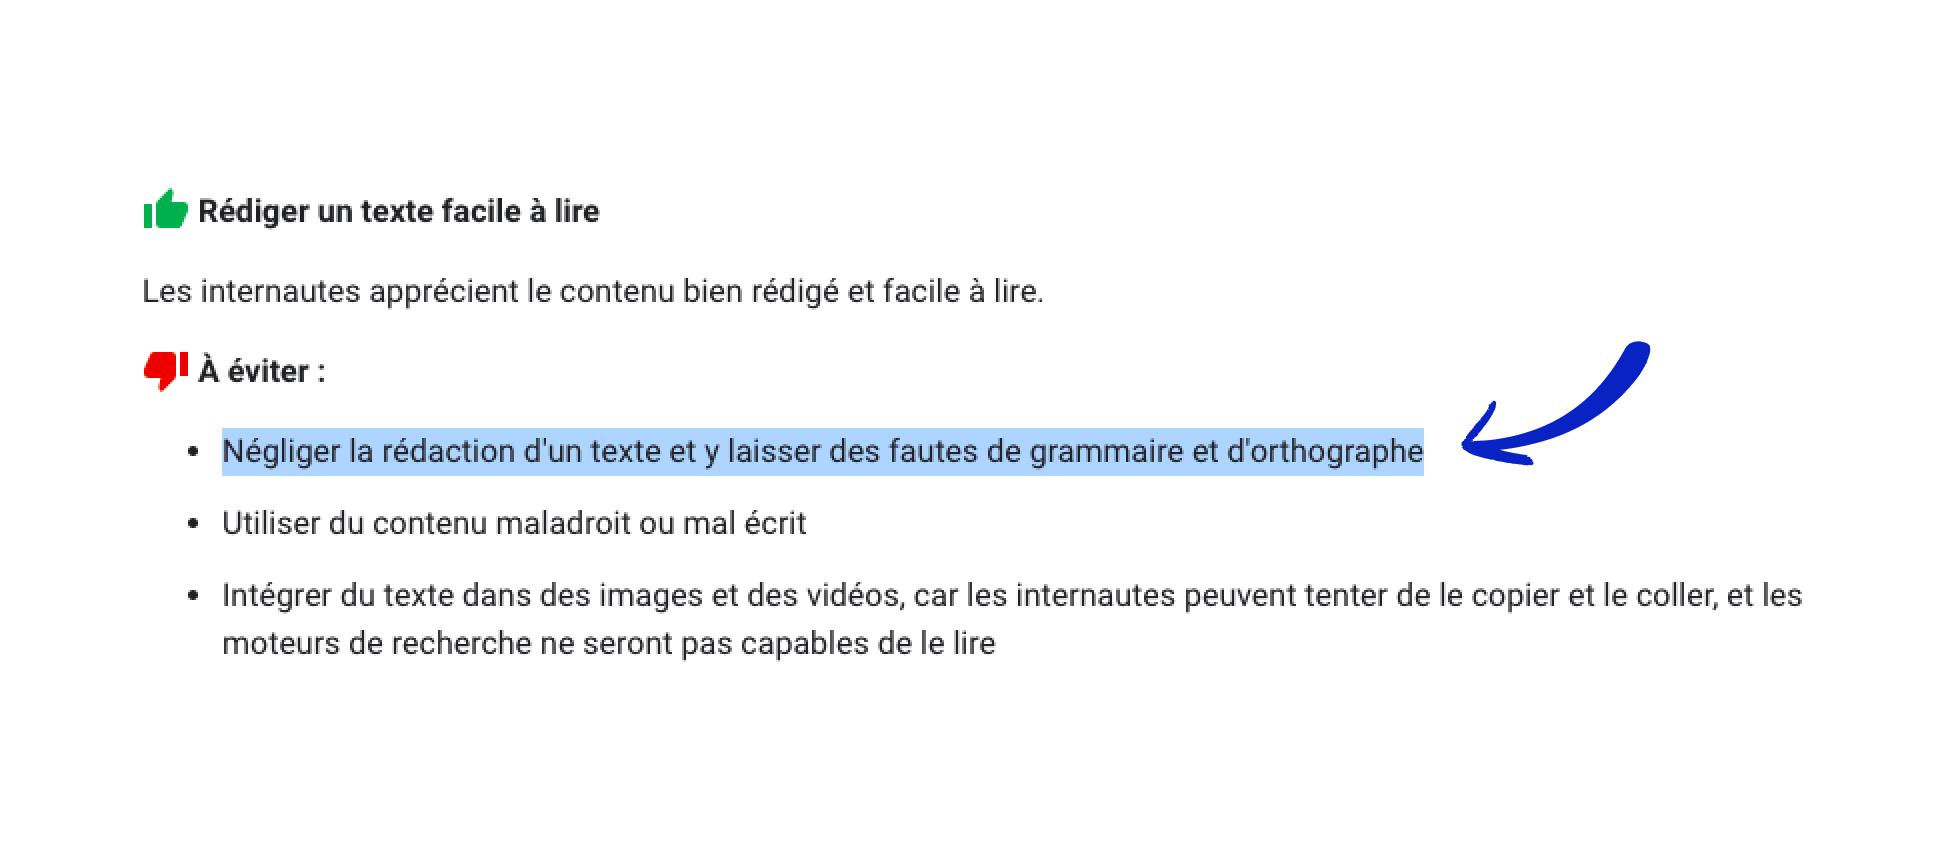 Le guide SEO de Google indique que les fautes de grammaire et d'orthographe sont à éviter